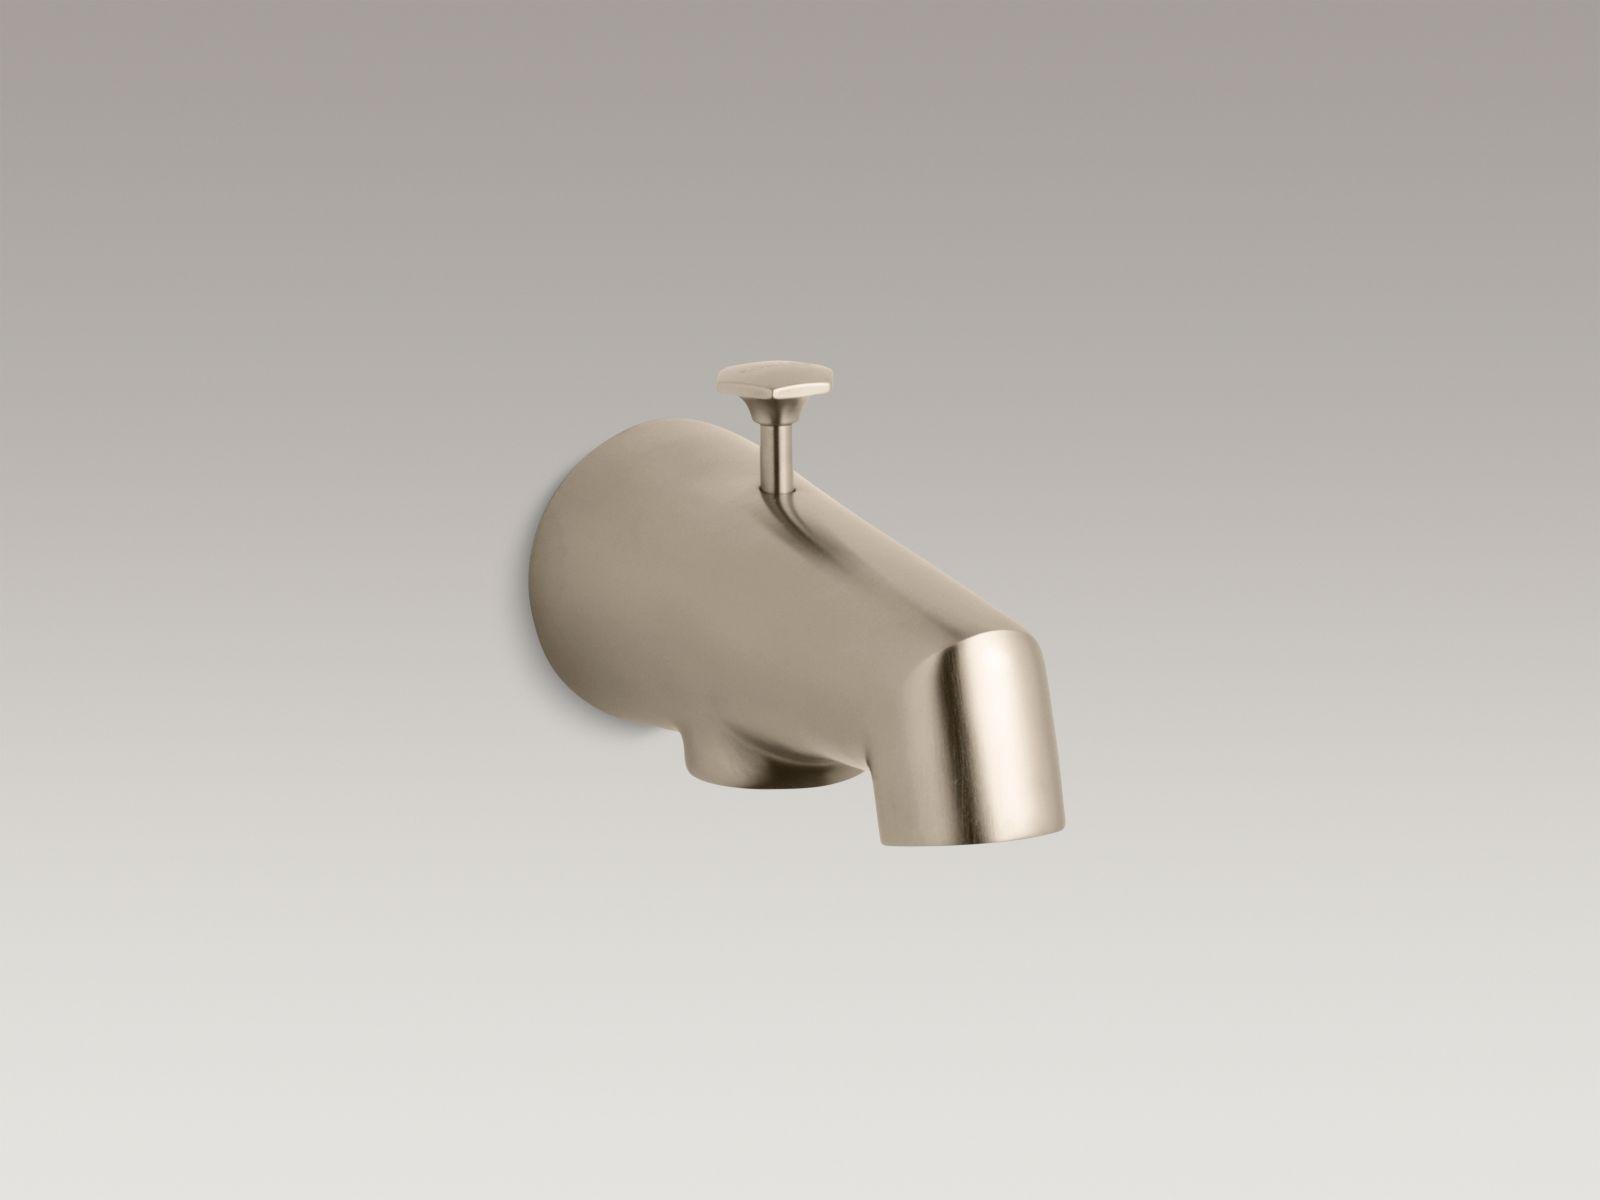 """Kohler K-6855-BV Standard Wall-mounted 5"""" Diverter Bathtub Spout with Disc-shaped Knob Vibrant Brushed Bronze"""